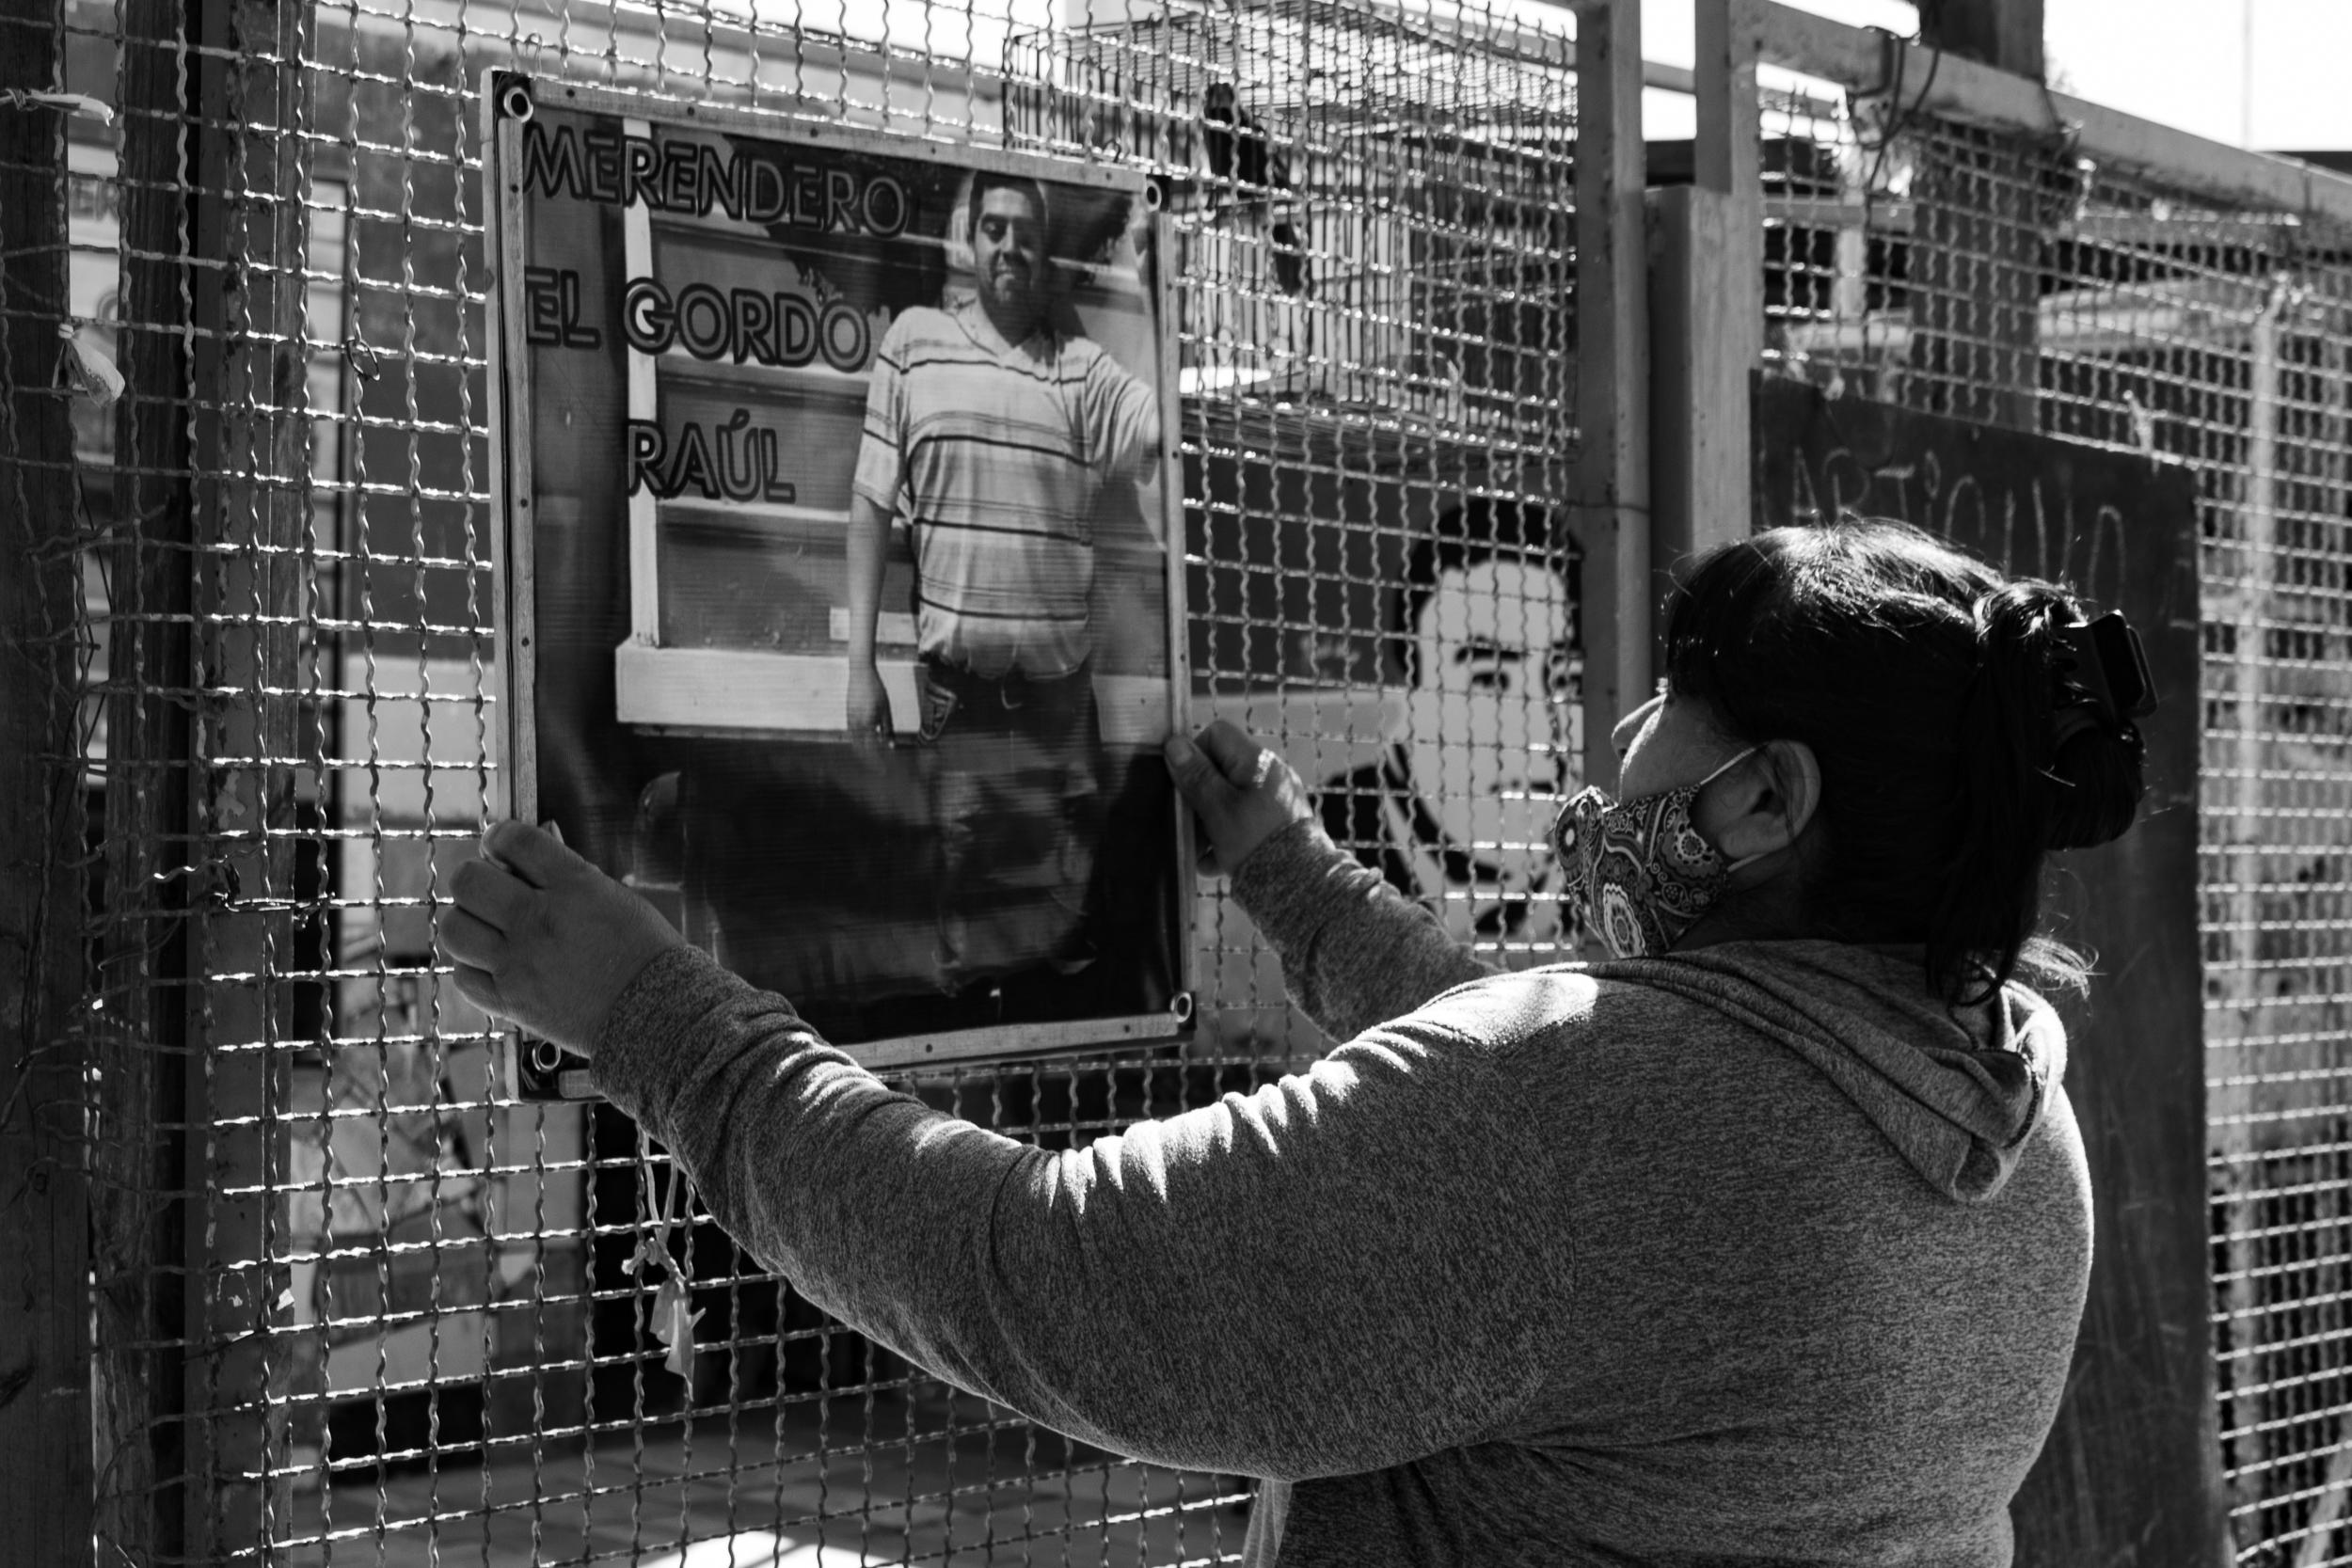 fotogalería-Raúl-Ledesma-Delia-Barrio-Los-Cortaderos-gatillo-fácil-merendero-8